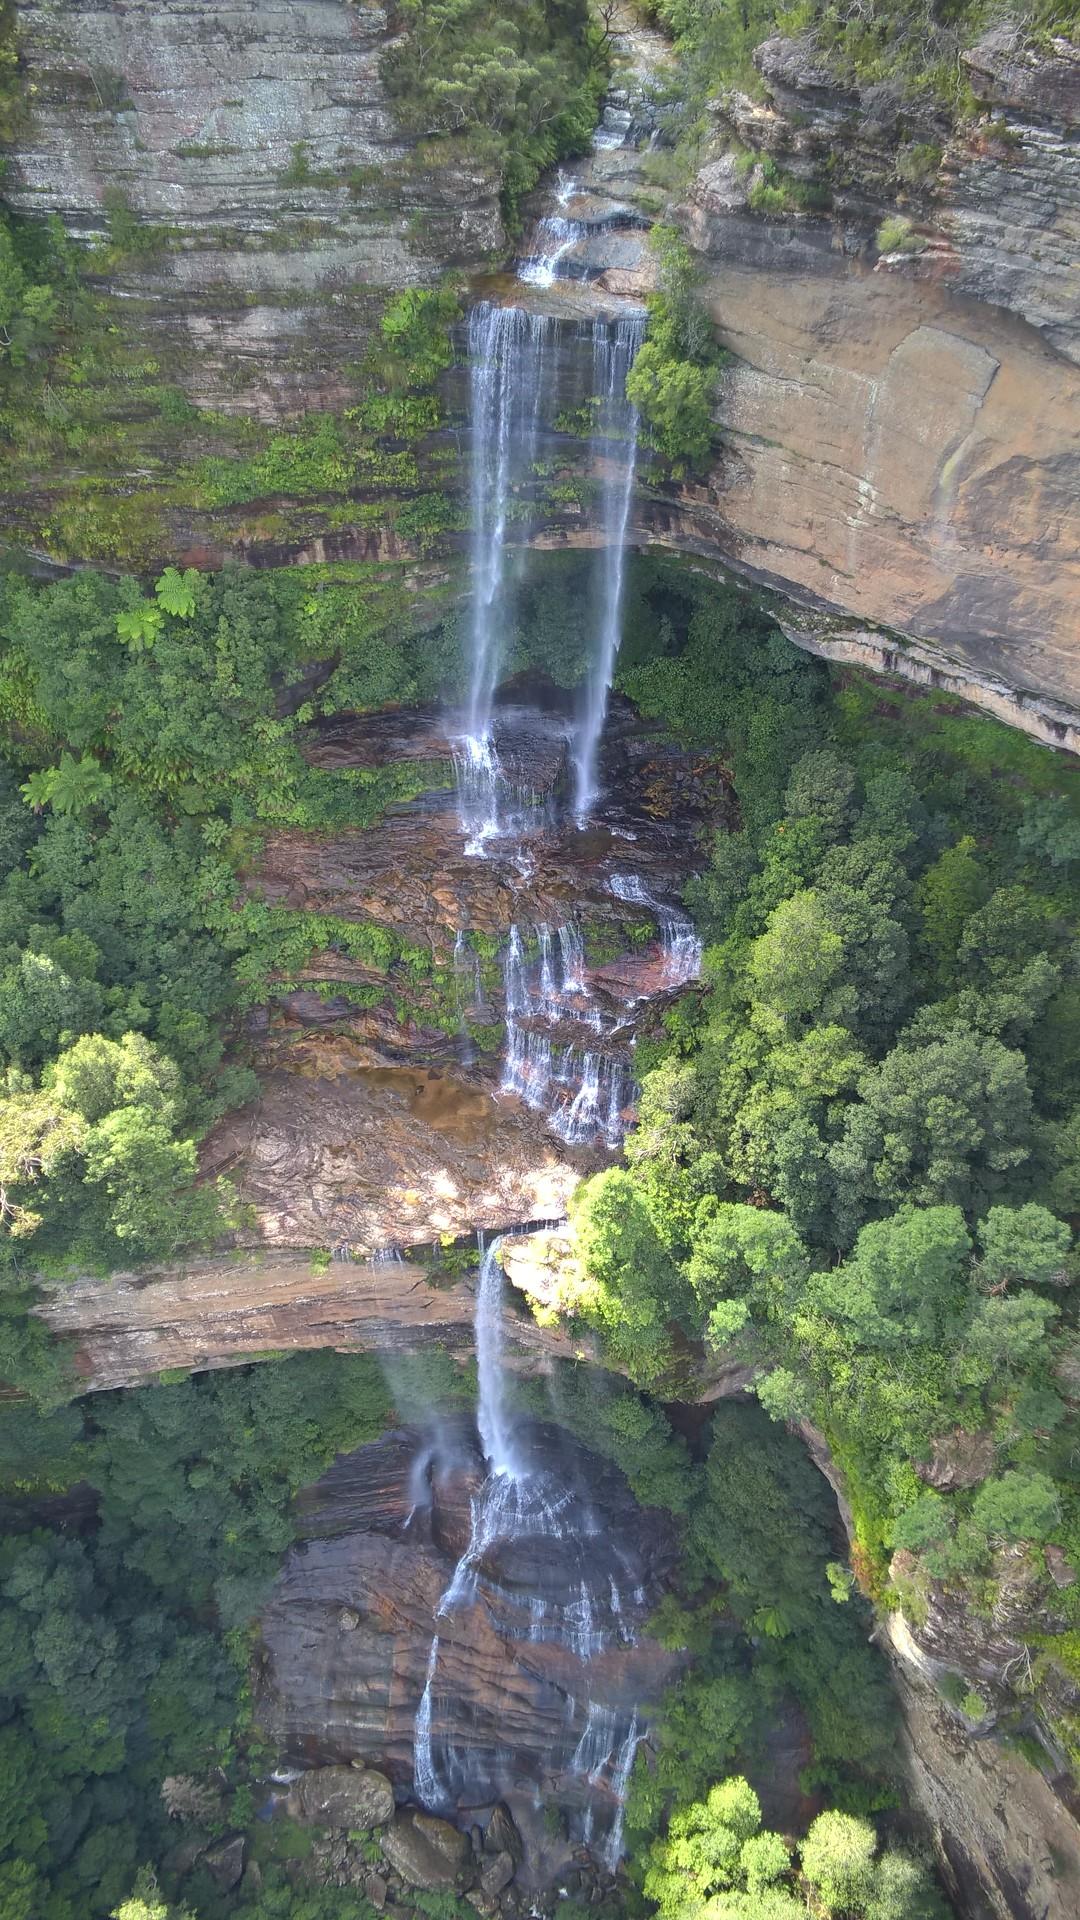 Водопад Катумба в парке Блю Маунтинс, Голубые горы, Австралия